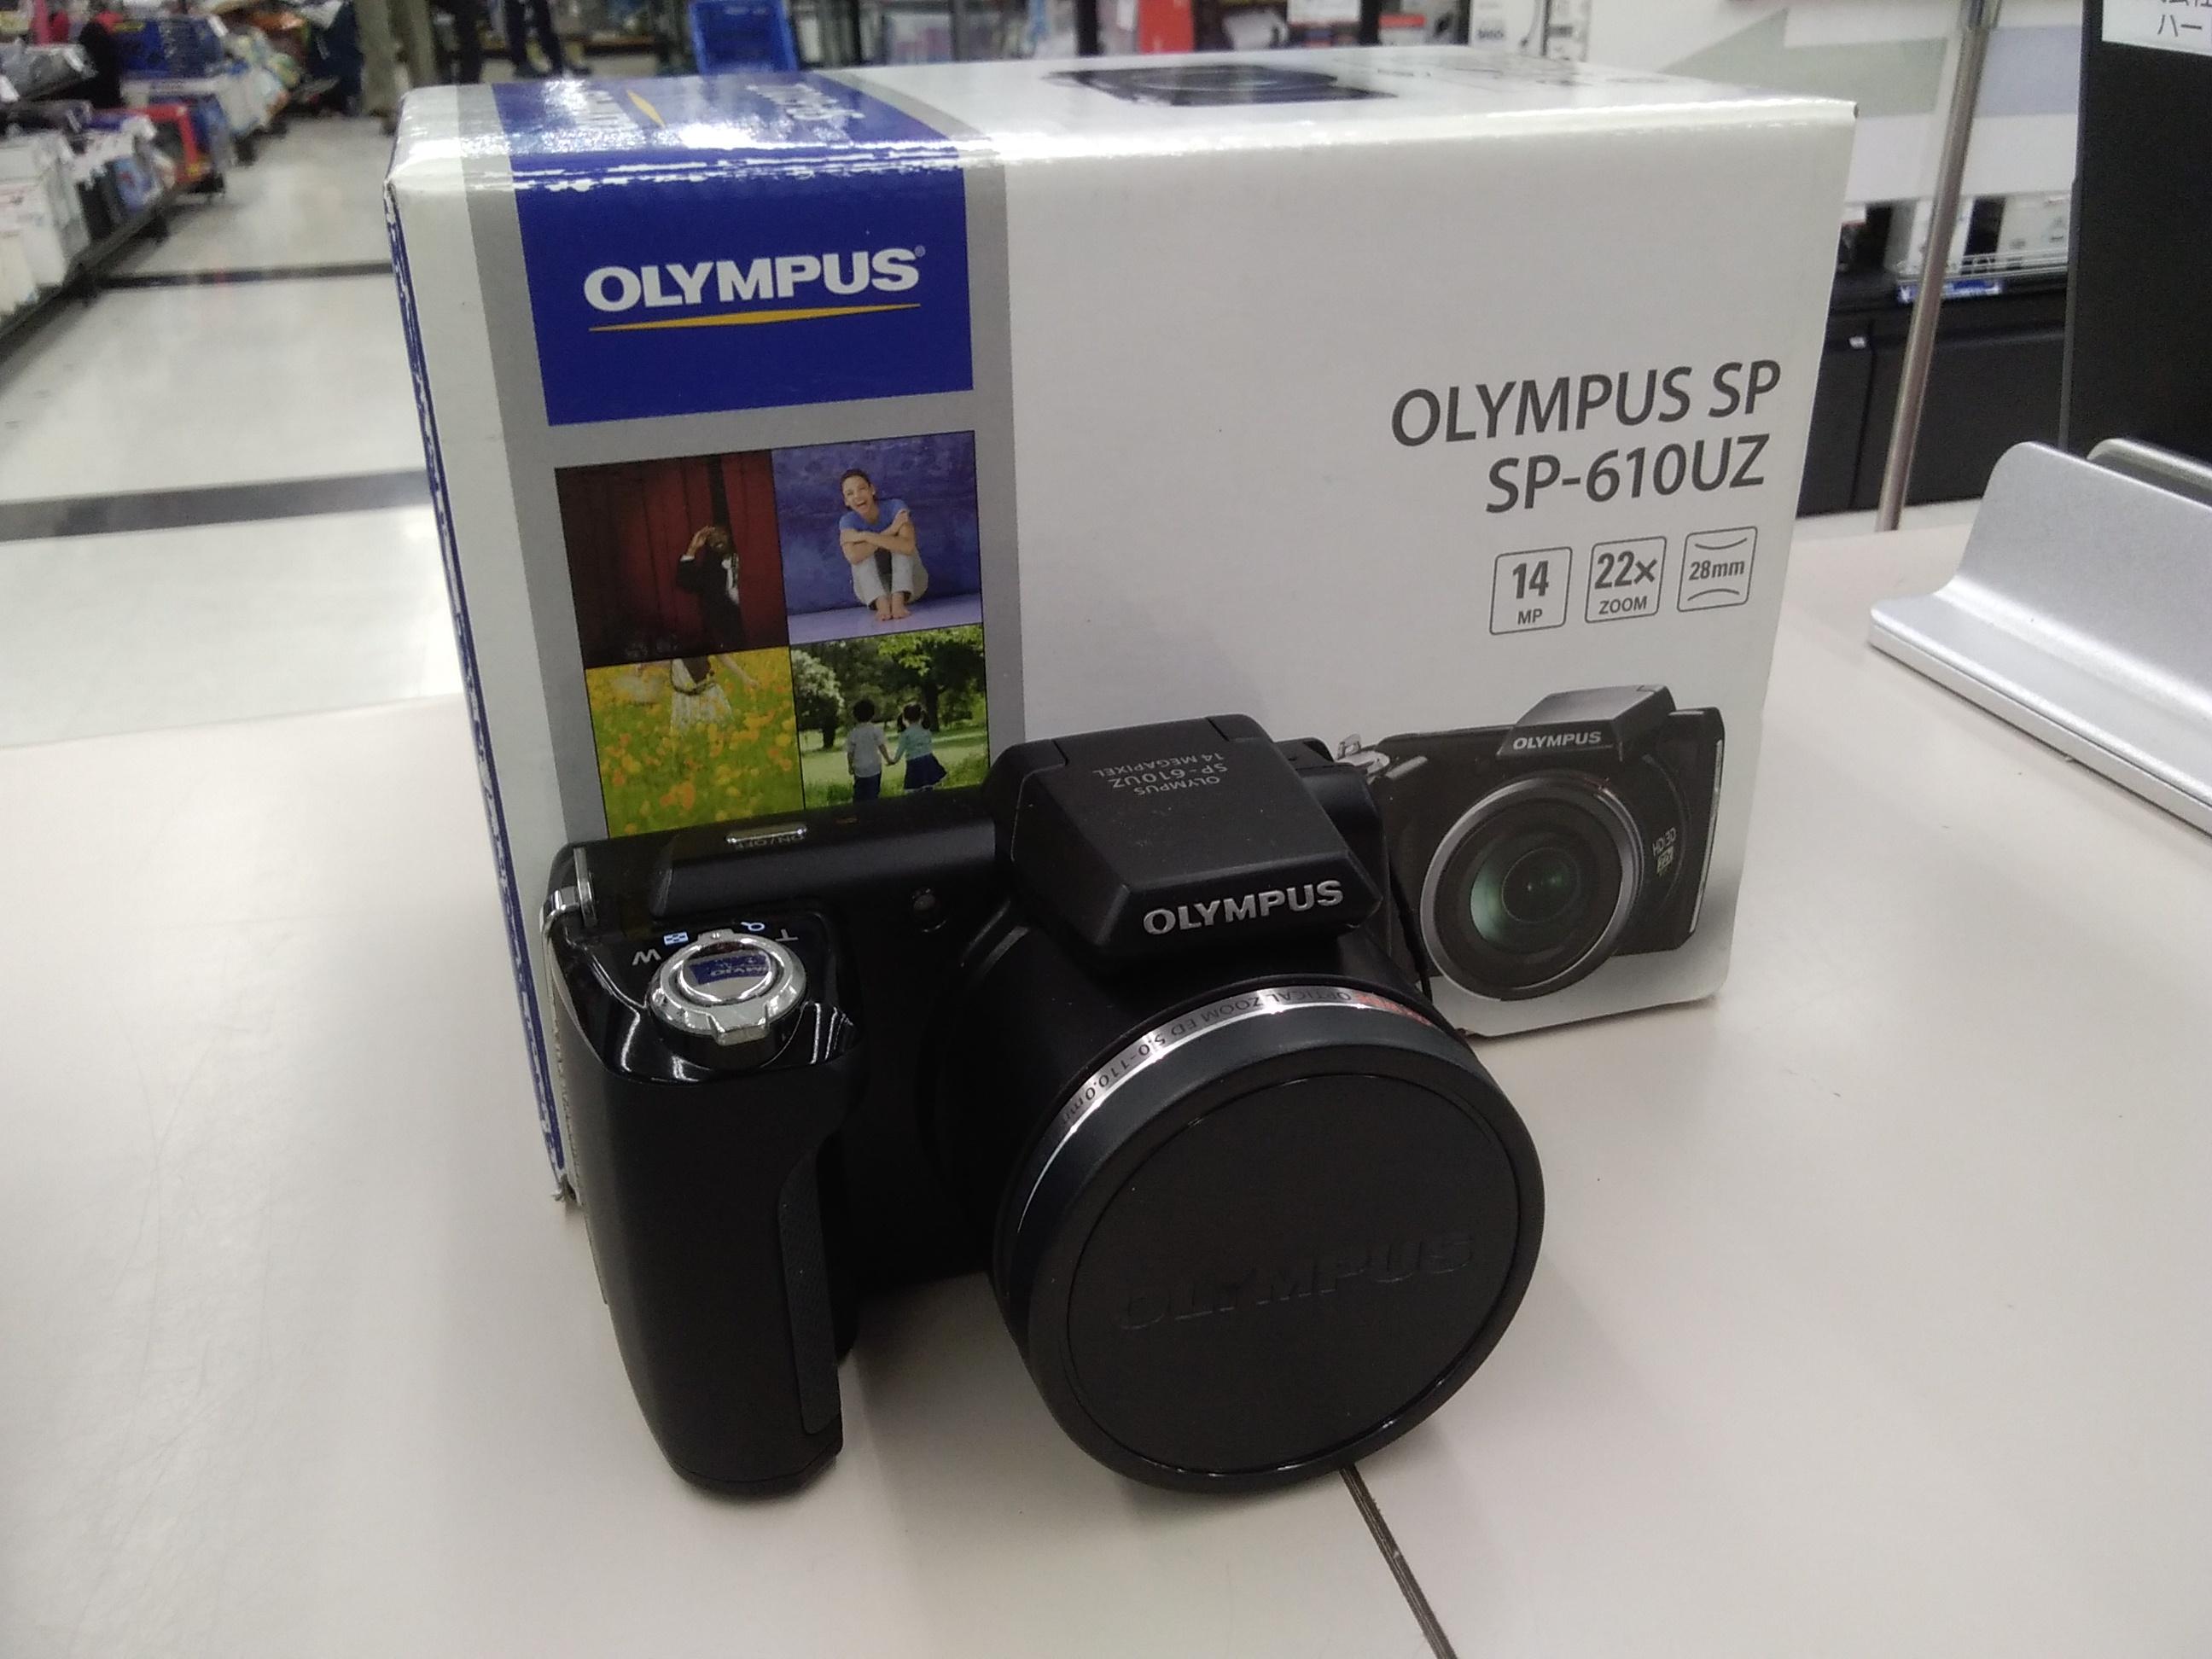 SP-610UZ/デジタルカメラ|OLYMPUS